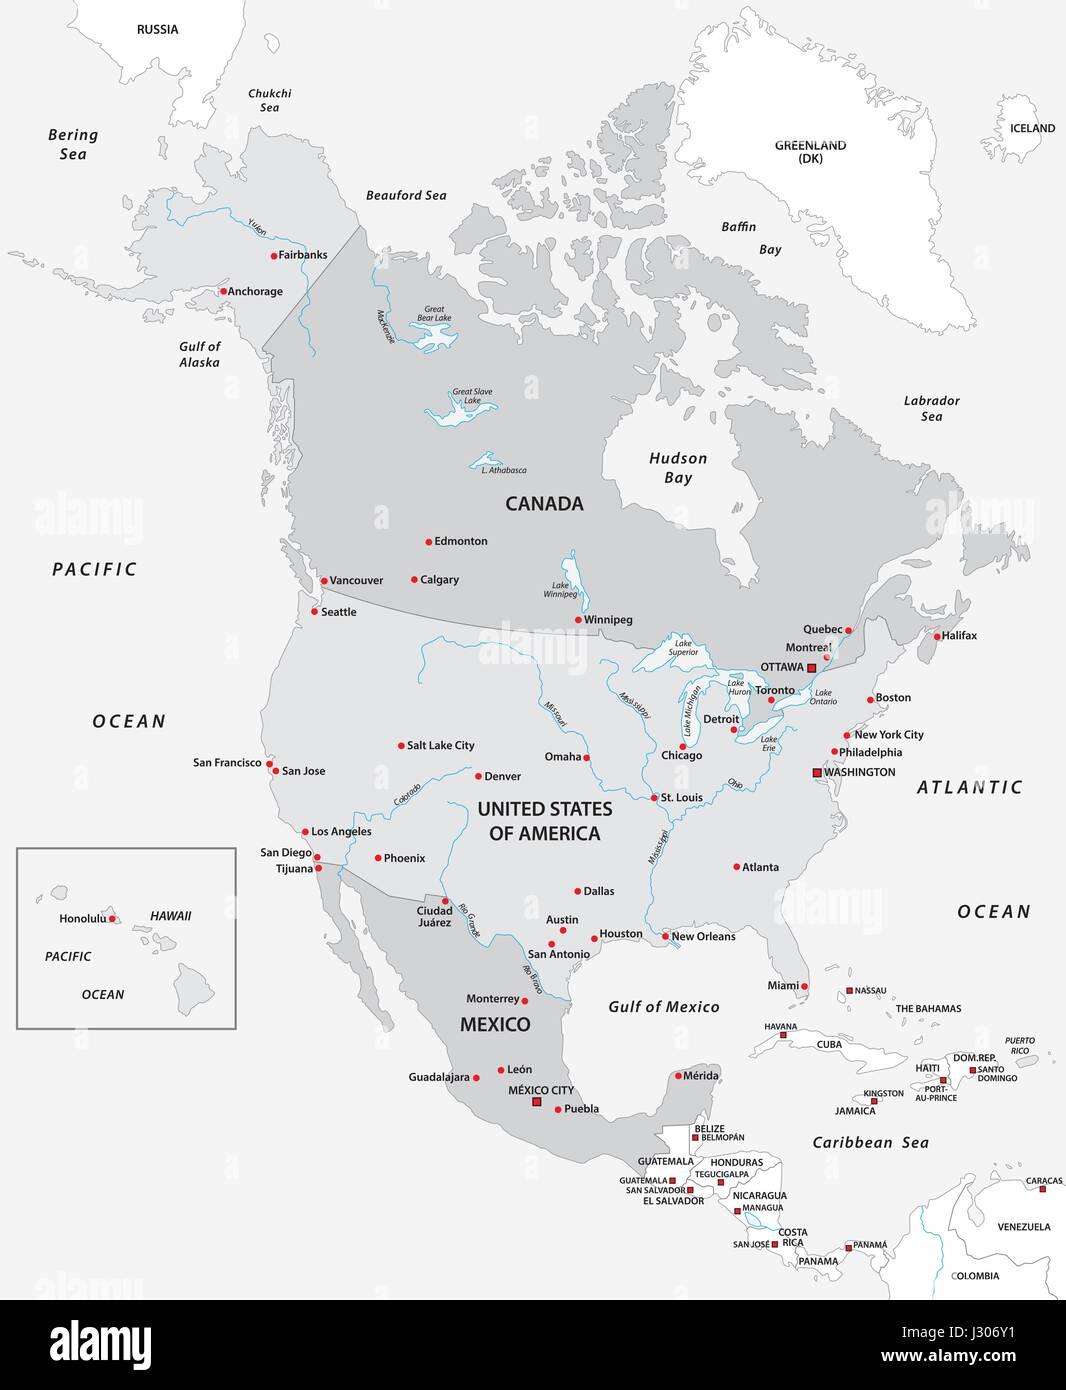 Beste Färbung Karte Von Nordamerika Galerie - Malvorlagen Von Tieren ...